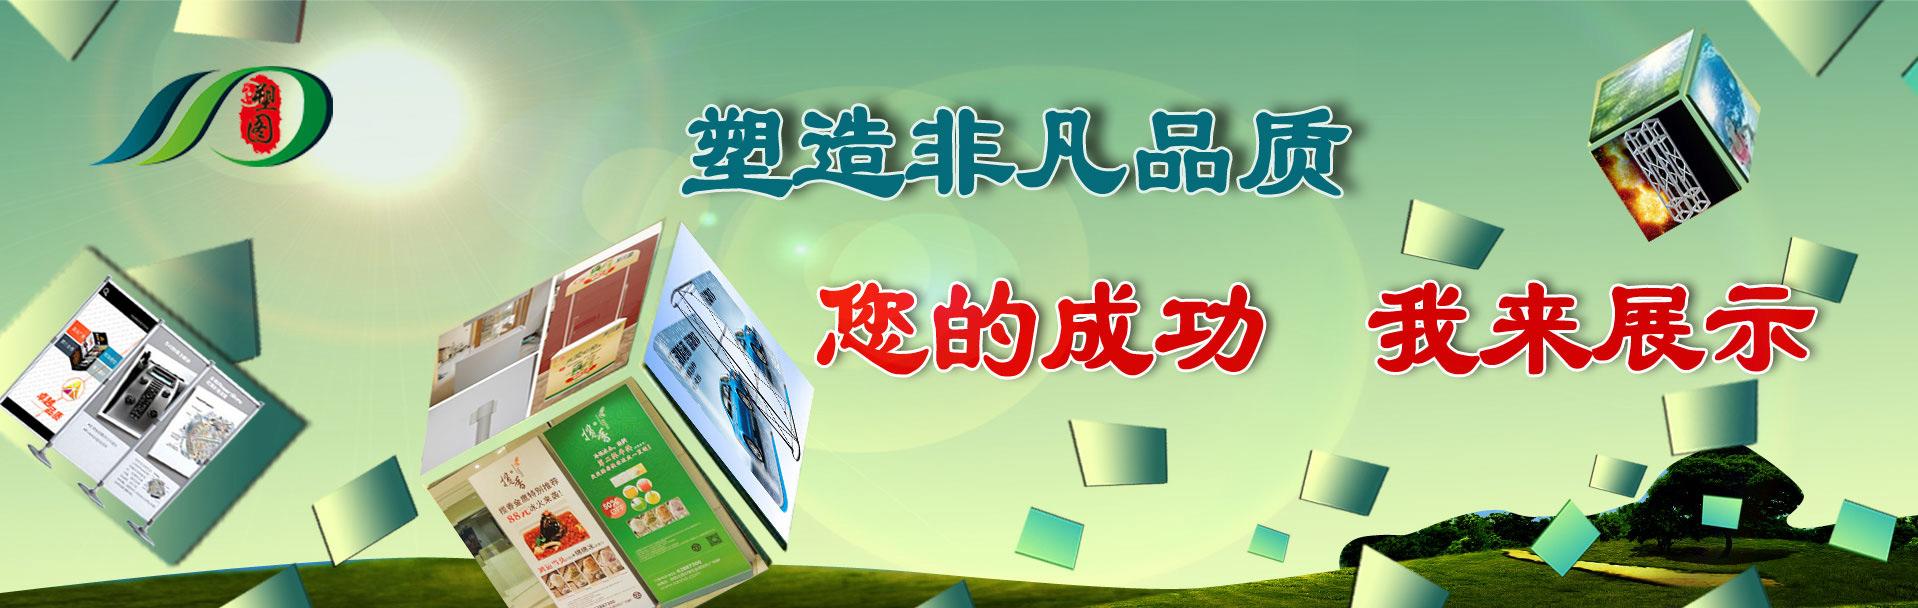 http://sem.g3img.com/g3img/wolongsutu/c2_20170310153756_50023.jpg